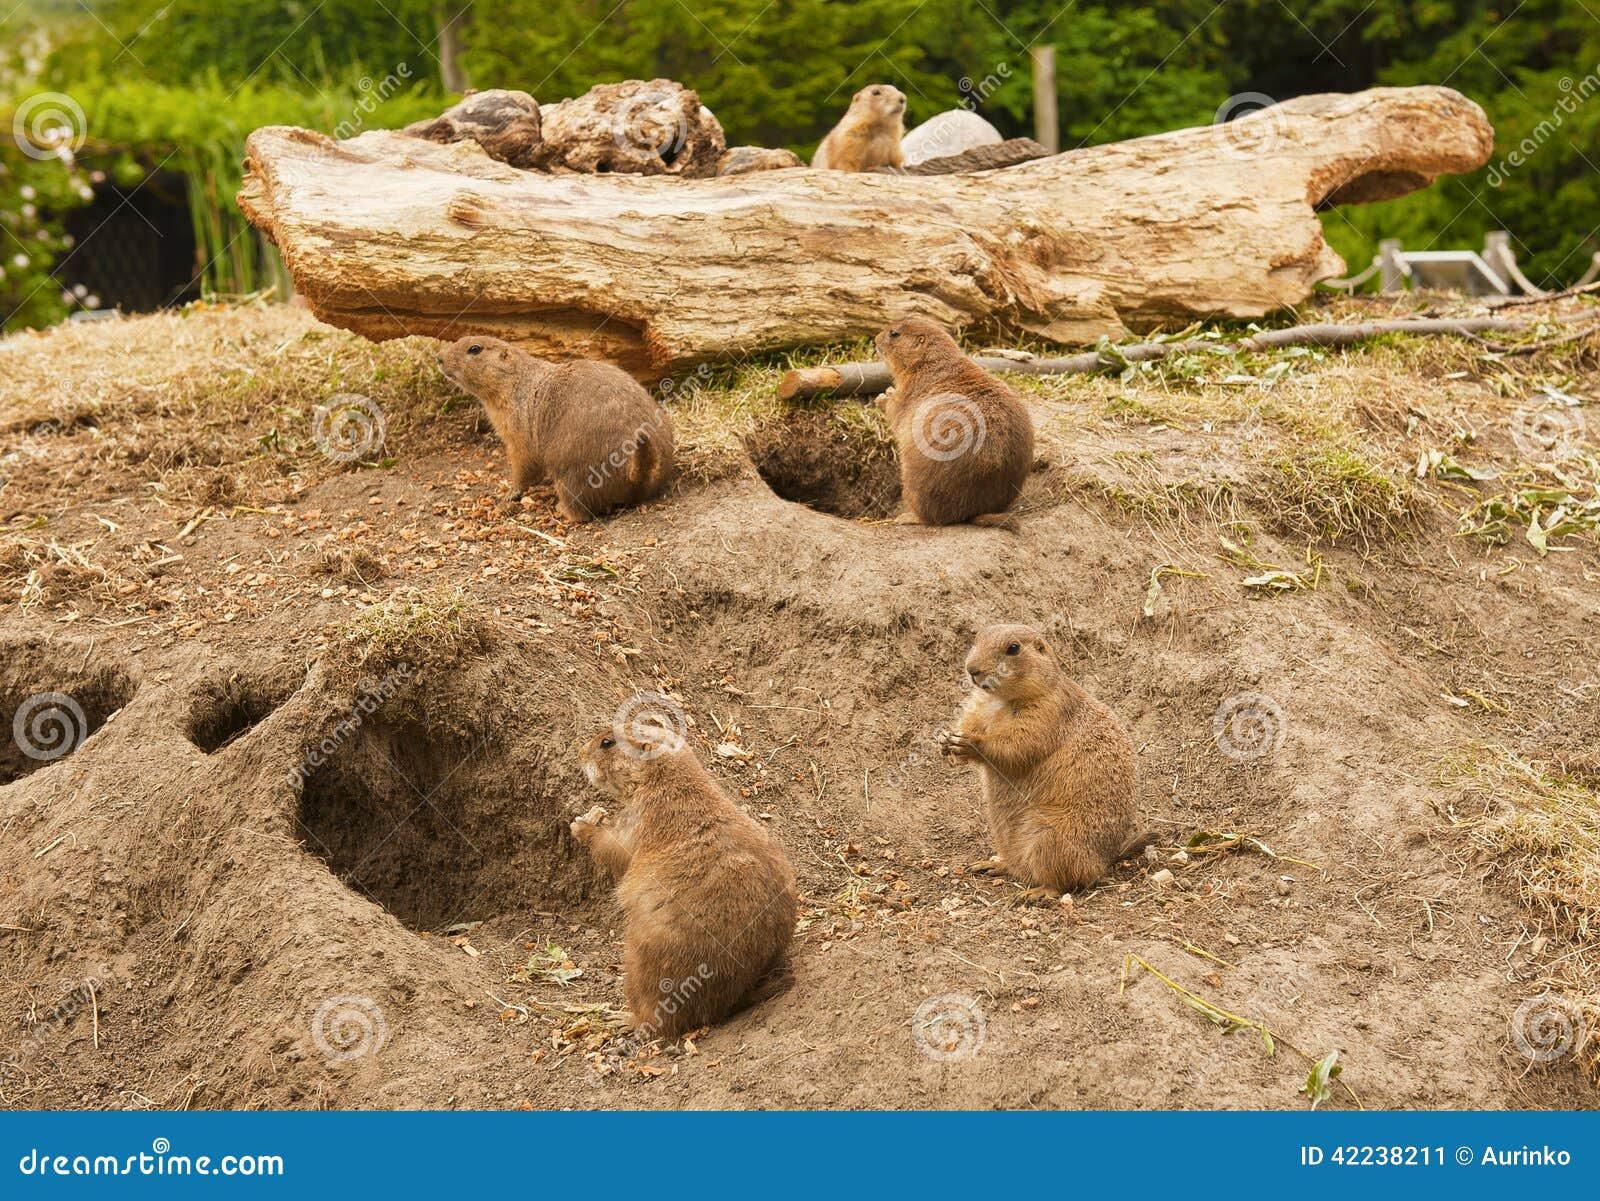 草原土拨鼠